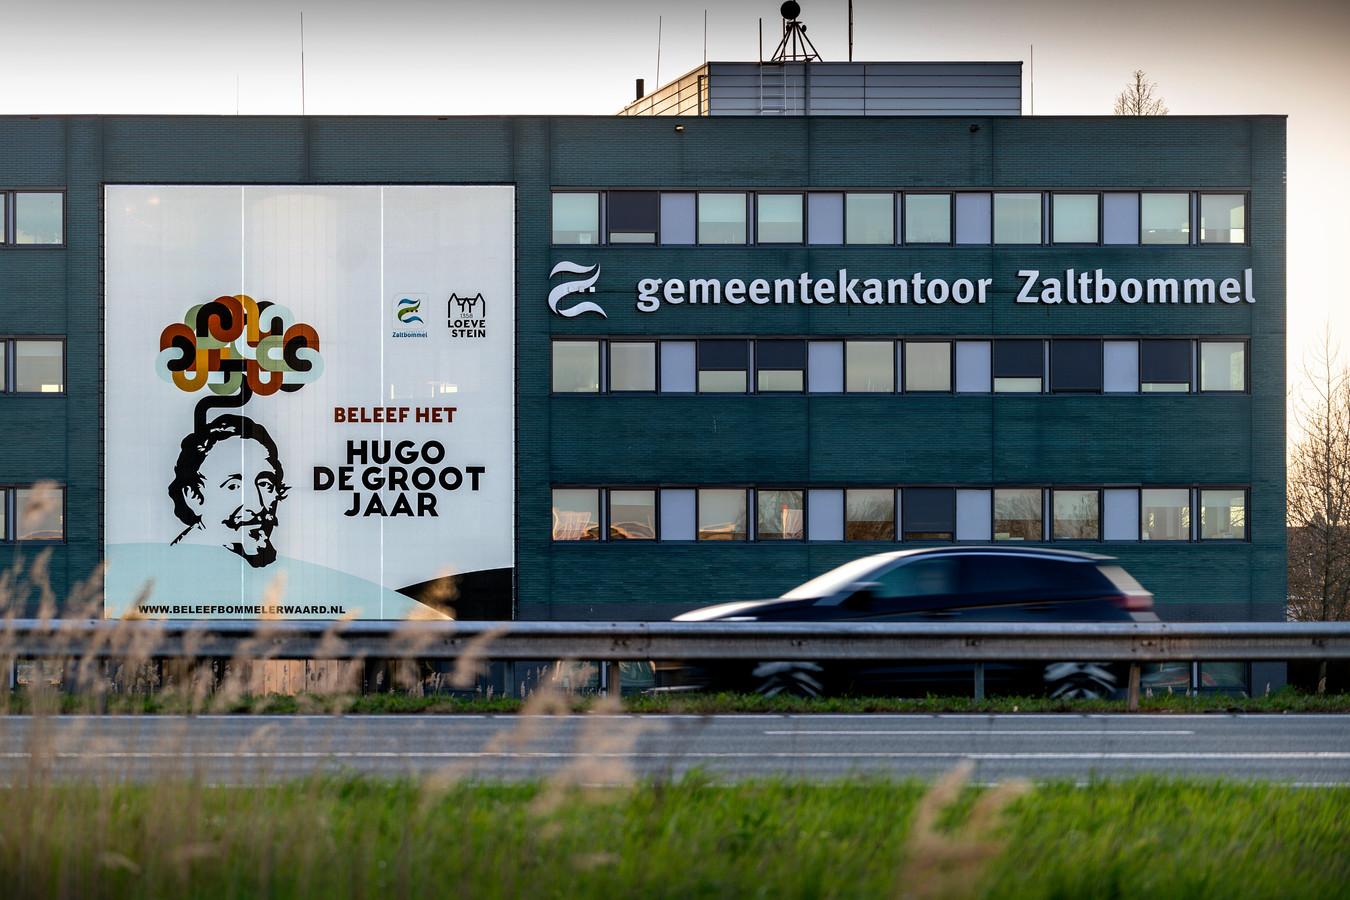 Met een spandoek van honderd vierkante meter aan de gevel van het gemeentekantoor vestigt Zaltbommel de aandacht op het Hugo de Grootjaar.